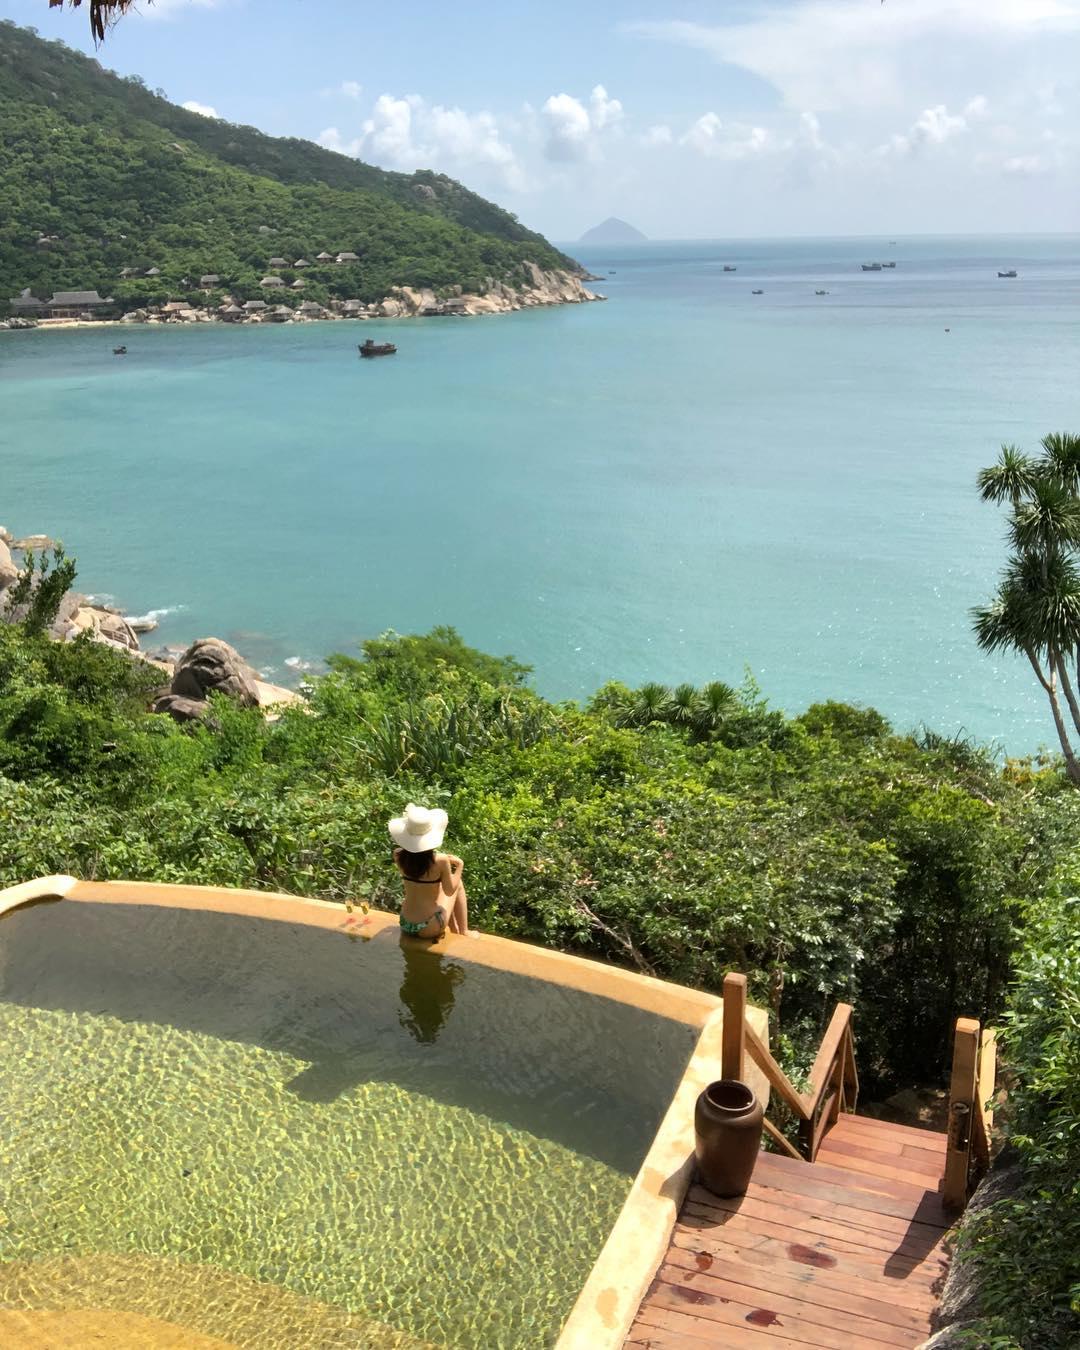 Six Senses Ninh Vân Bay cũng từng được báo Anh nhắc tới là một trong những resort đẹp nhất thế giới. Tại đây, du khách có thể hoà mình trong không gian thiên nhiên hoang sơ hoàn toàn tách biệt với thế giới bên ngoài.